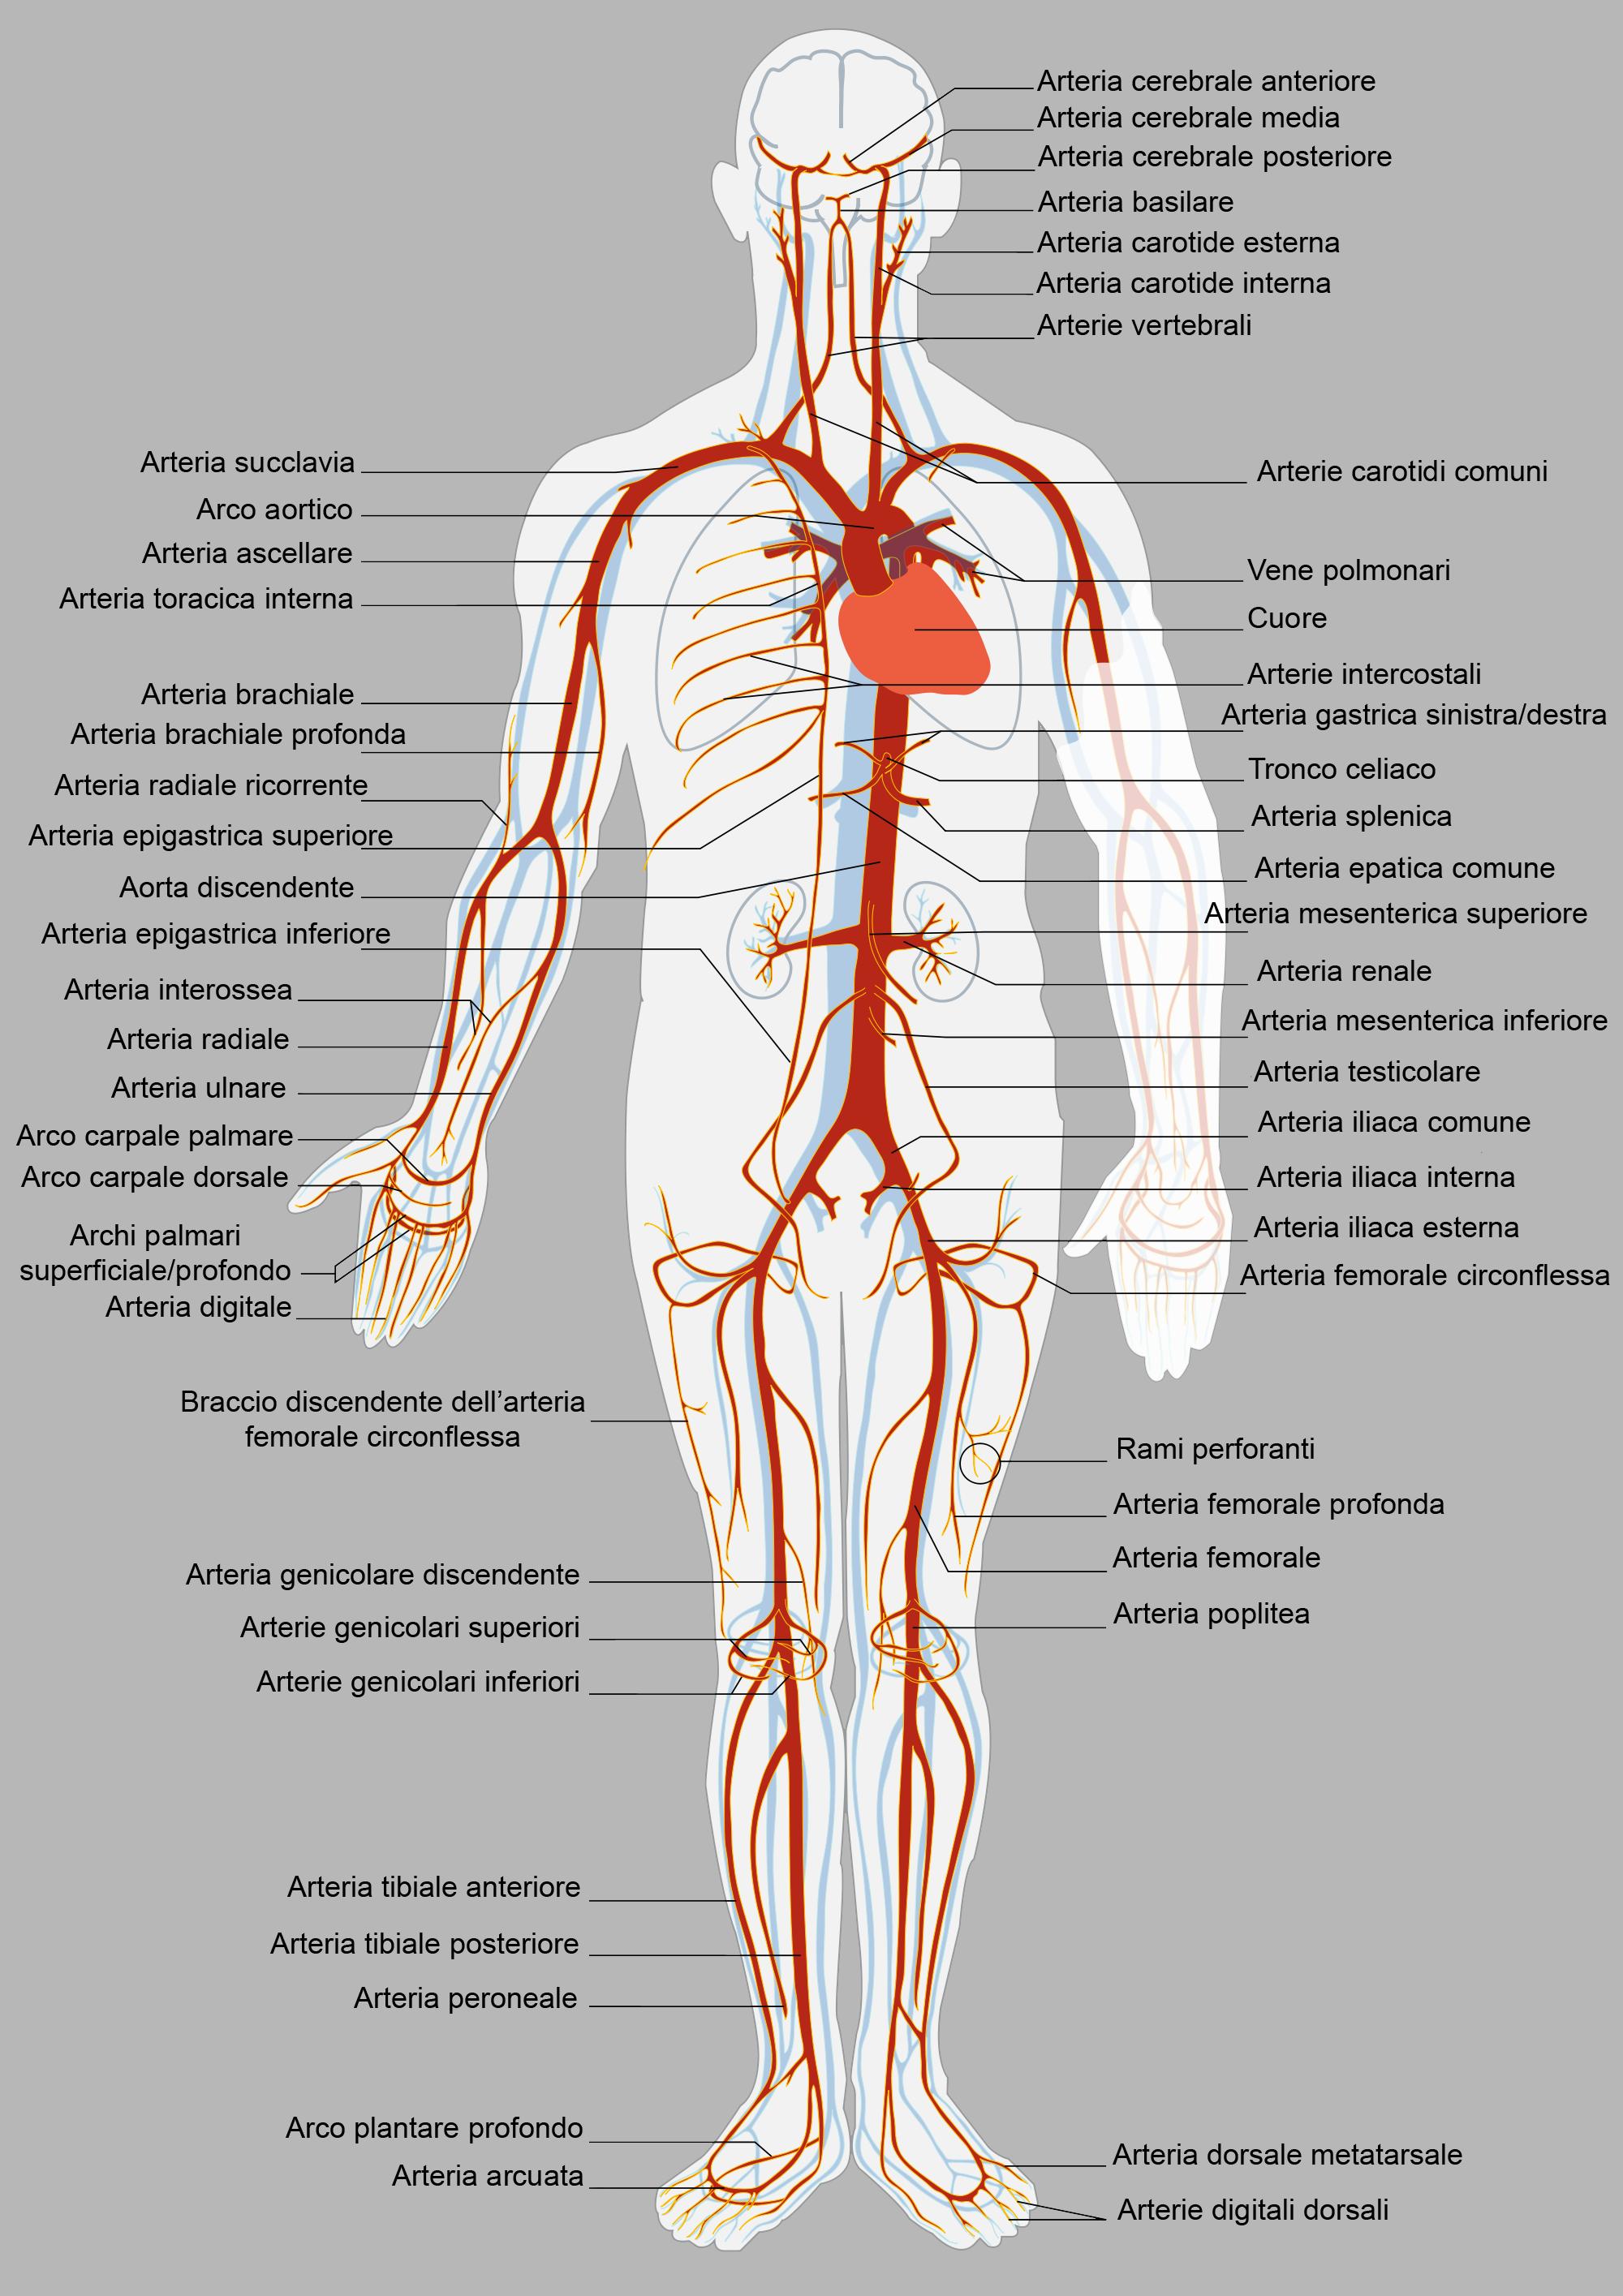 quale sistema rimuove i prodotti di scarto dal corpo quali due sistemi del corpo rimuovono i rifiuti dal corpo